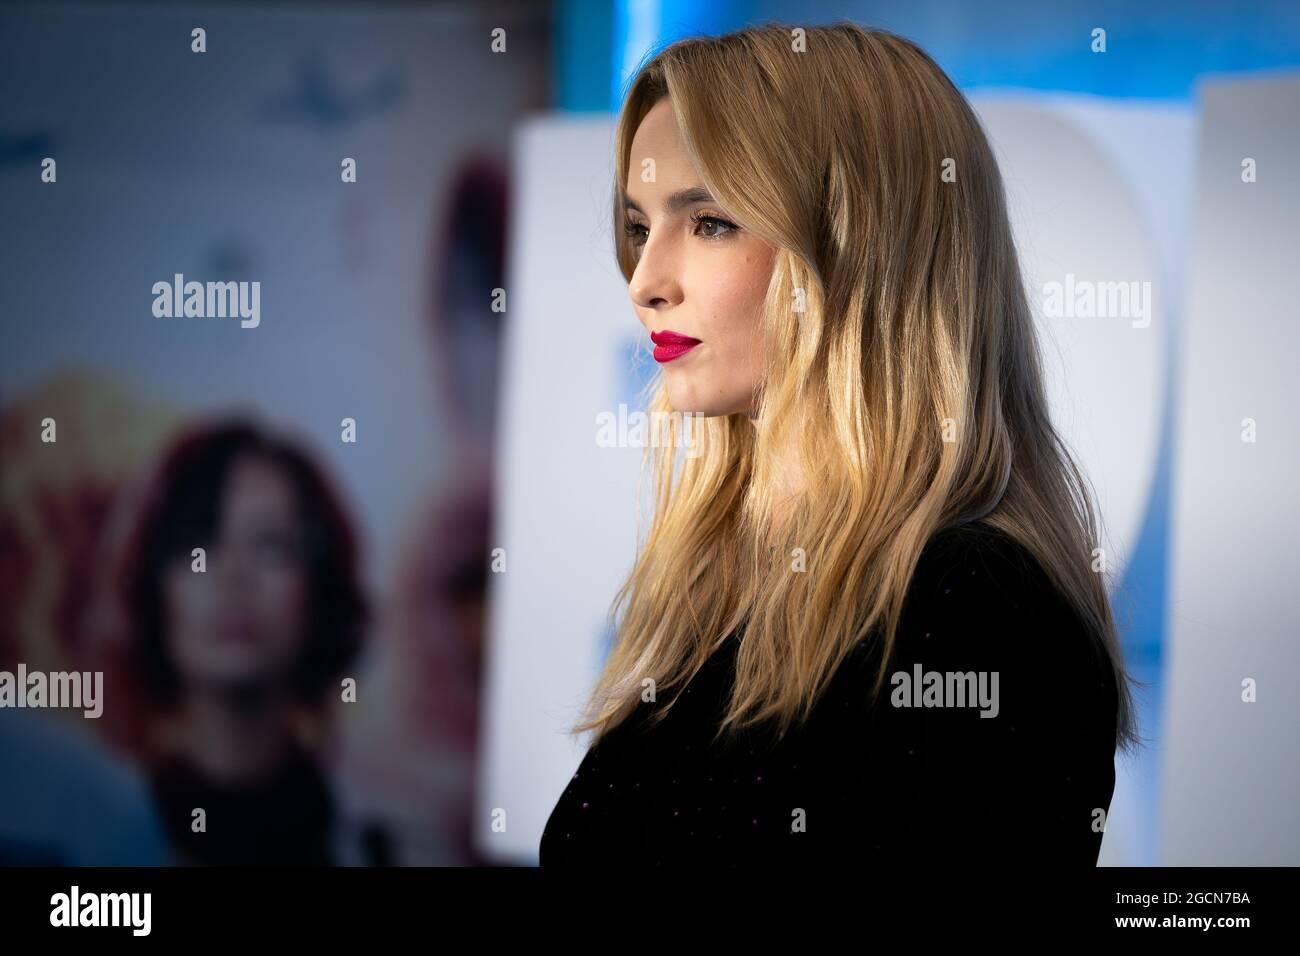 Jodie Comer bei der Ankunft am Cineworld Leicester Square im Zentrum von London zur Premiere von Free Guy. Bilddatum: Montag, 9. August 2021. Stockfoto